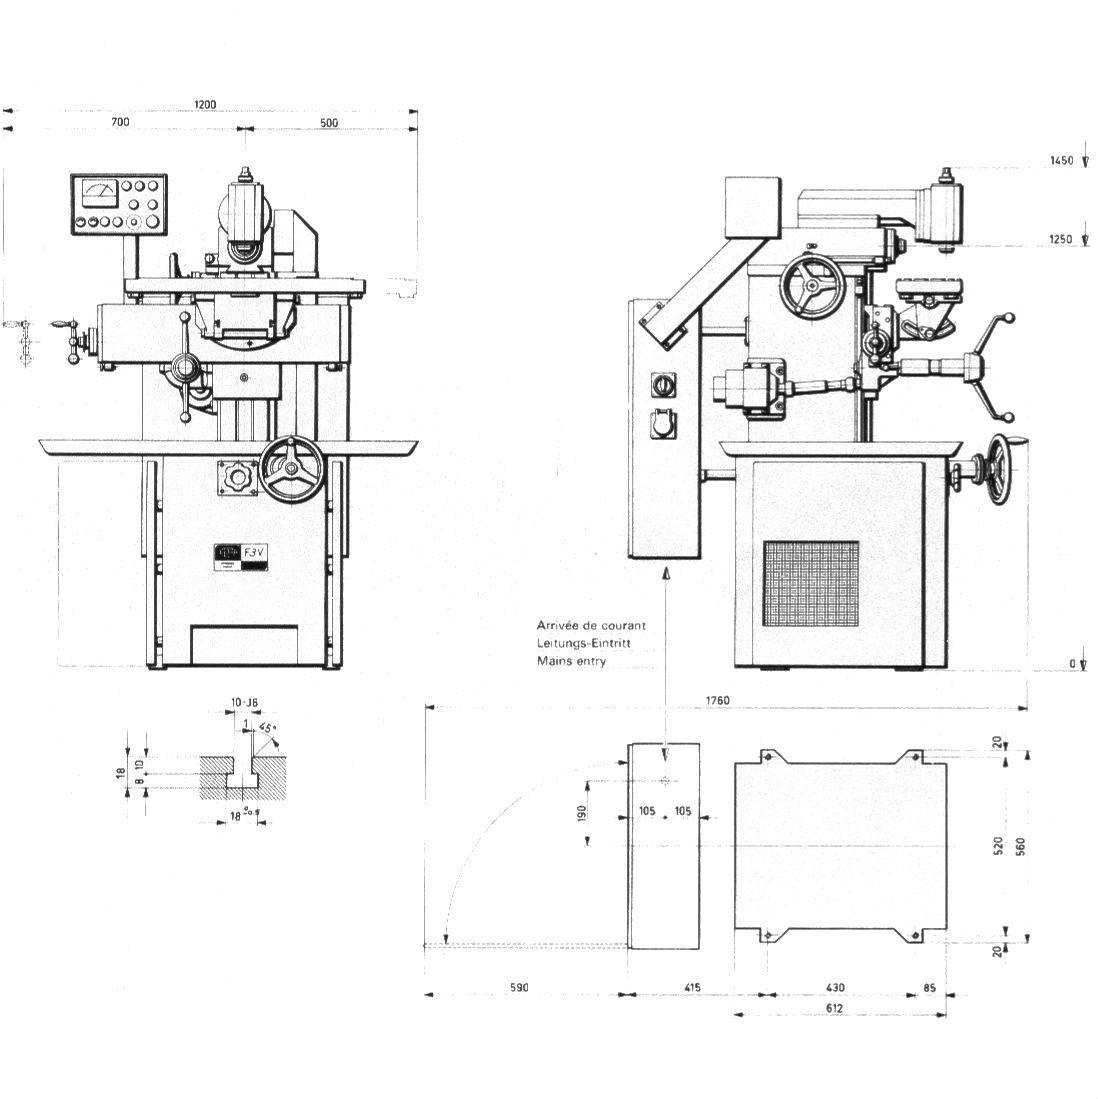 Aciera F3 F3-11-10